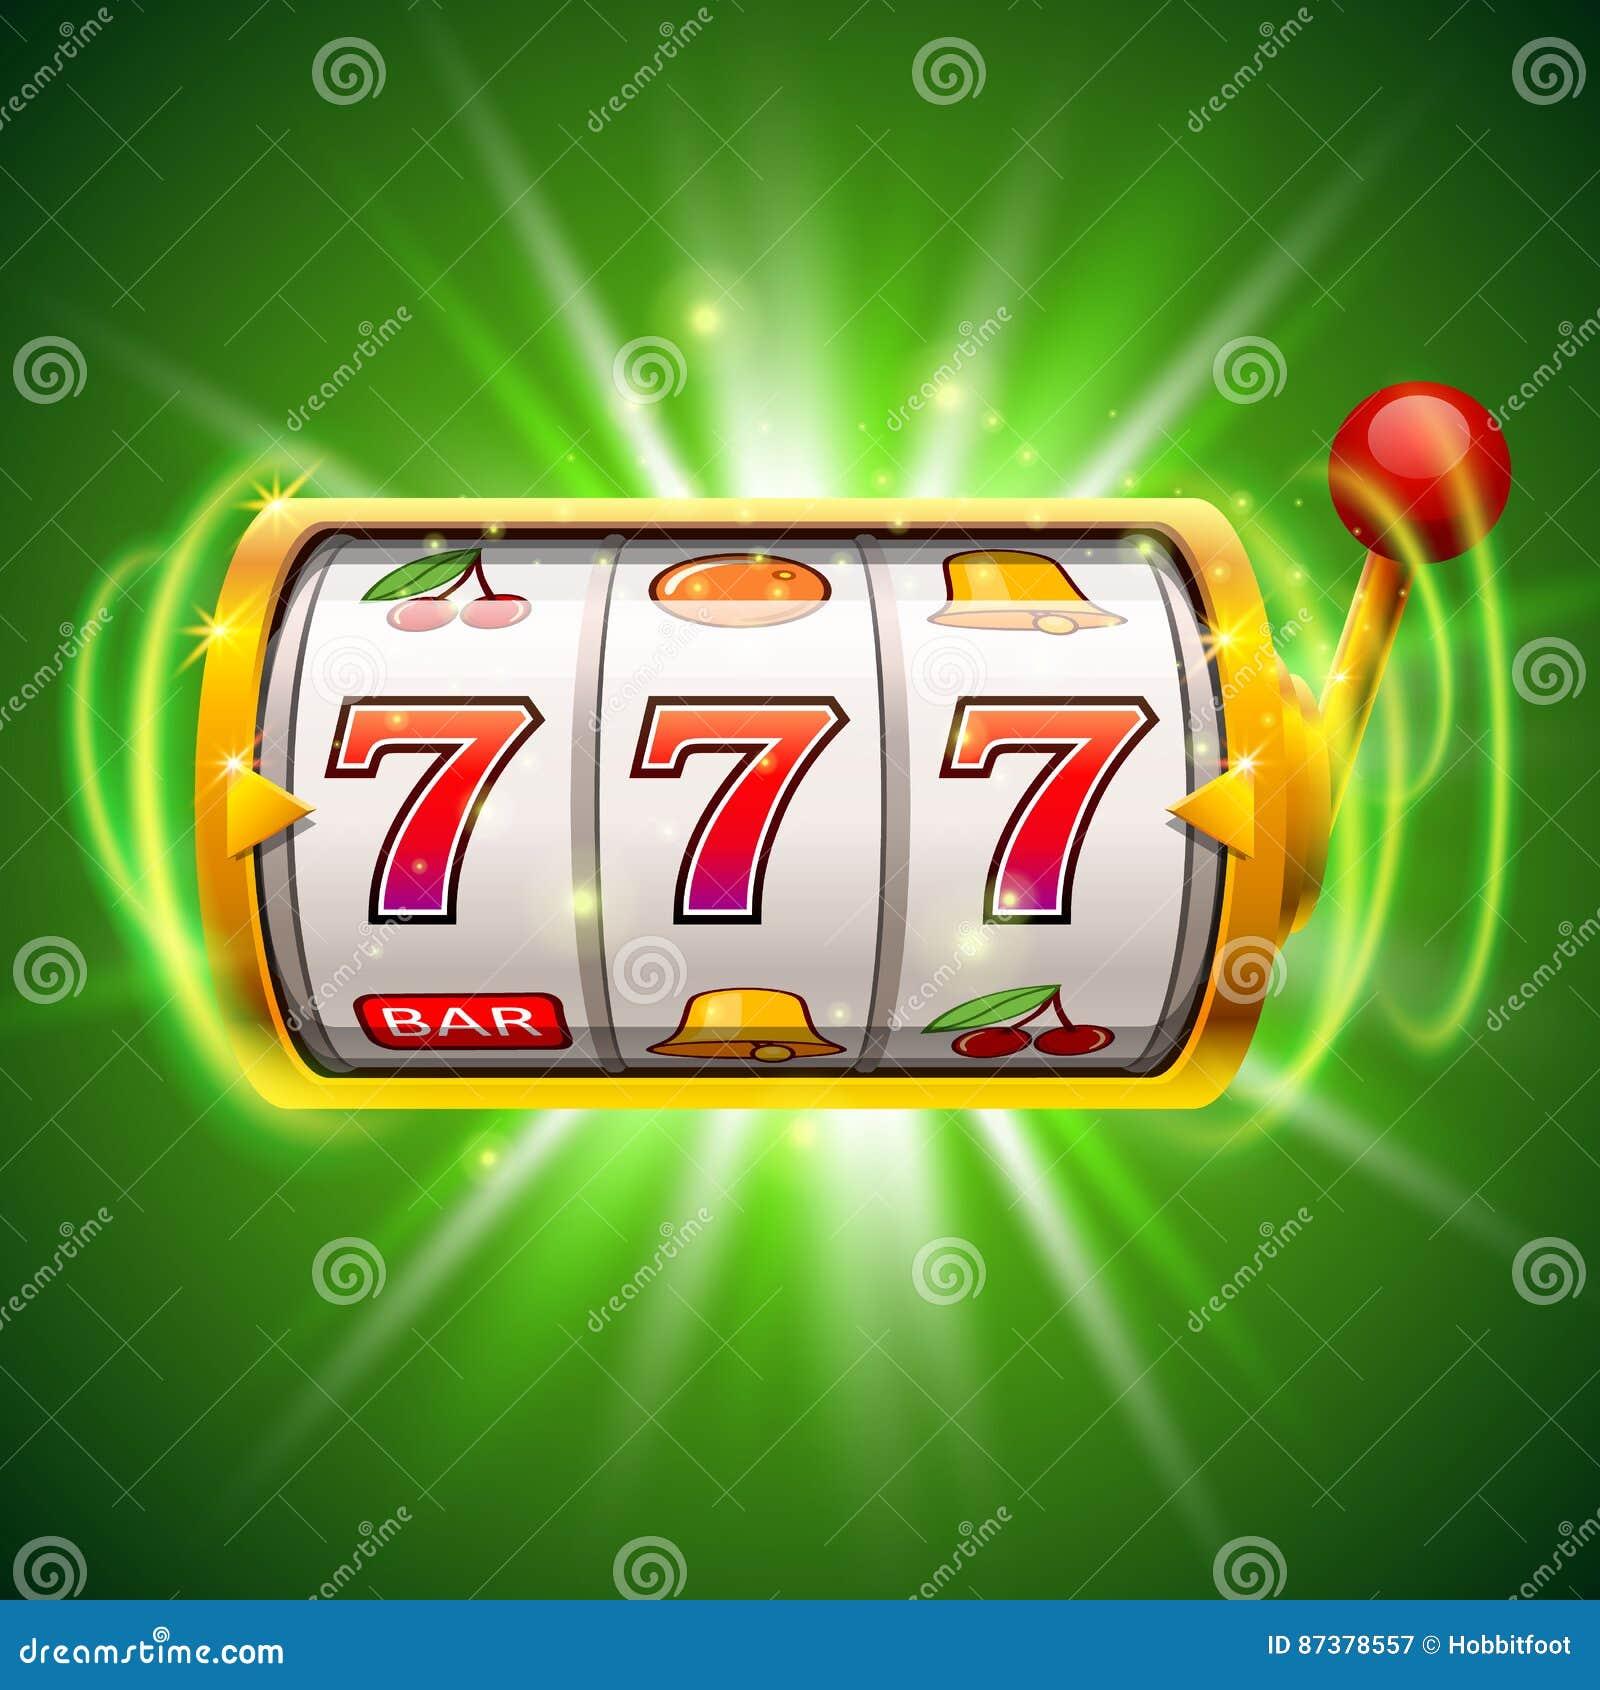 Free online poker 247